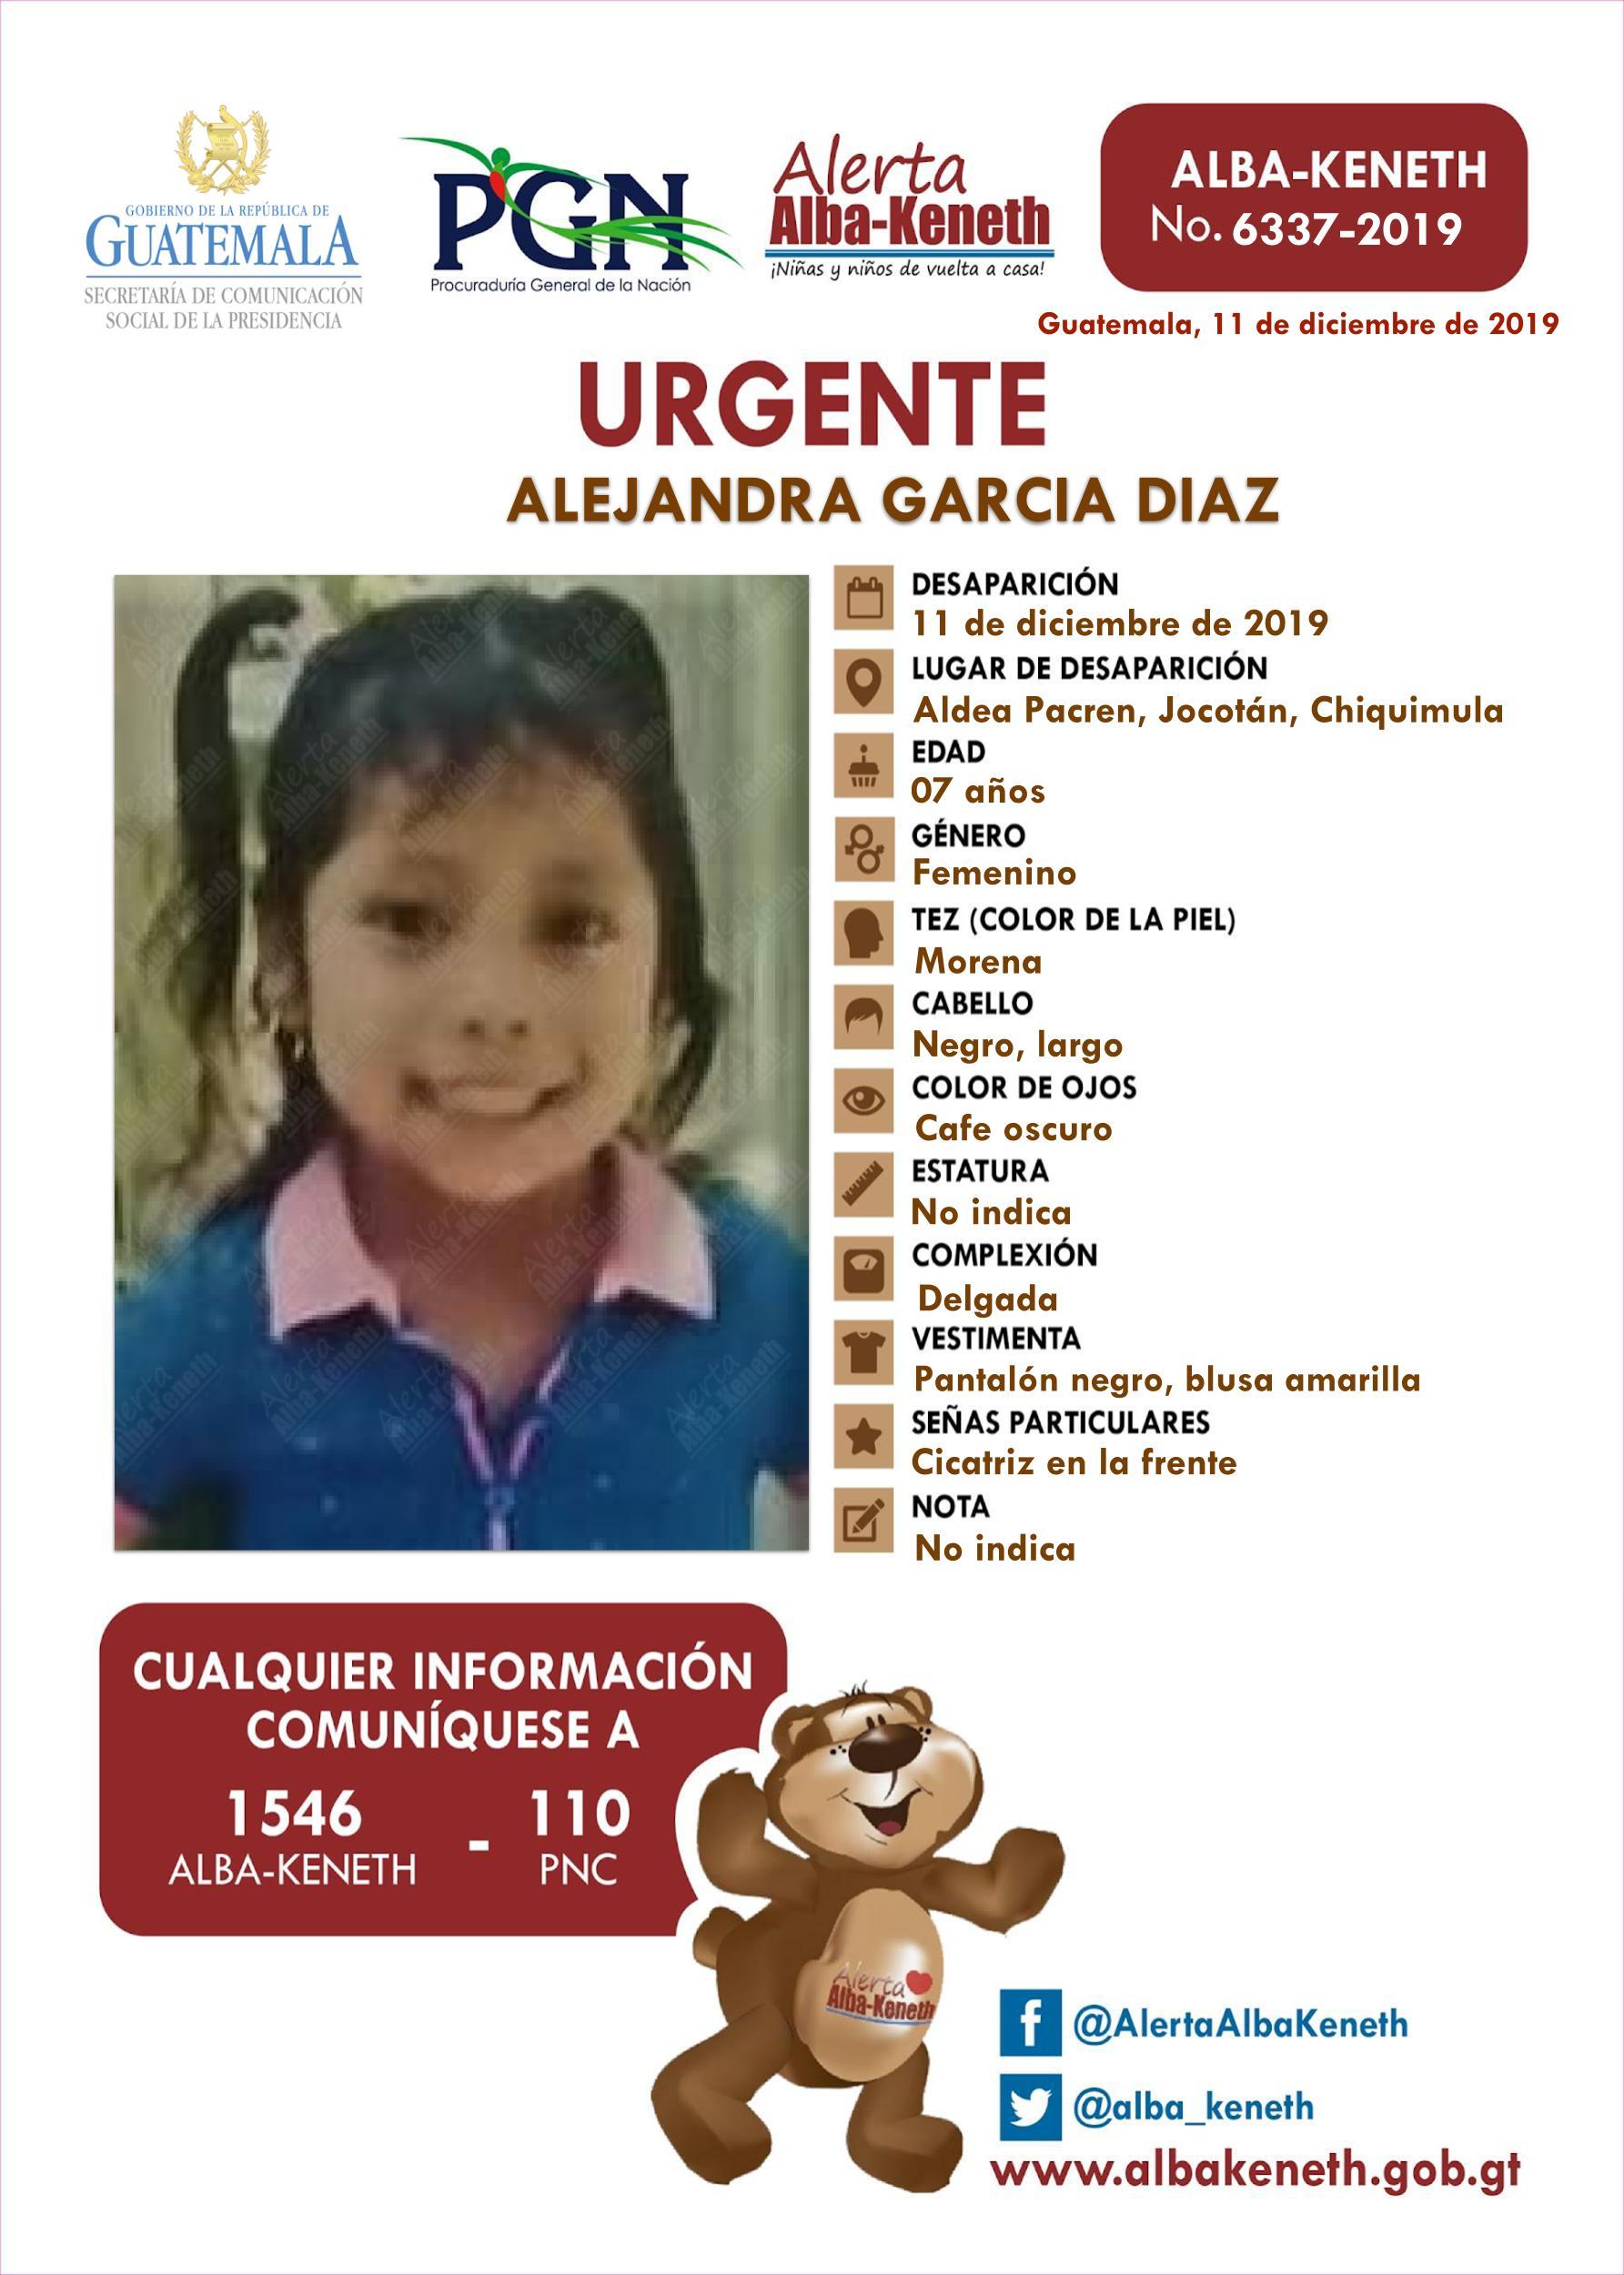 Alejandra Garcia Diaz